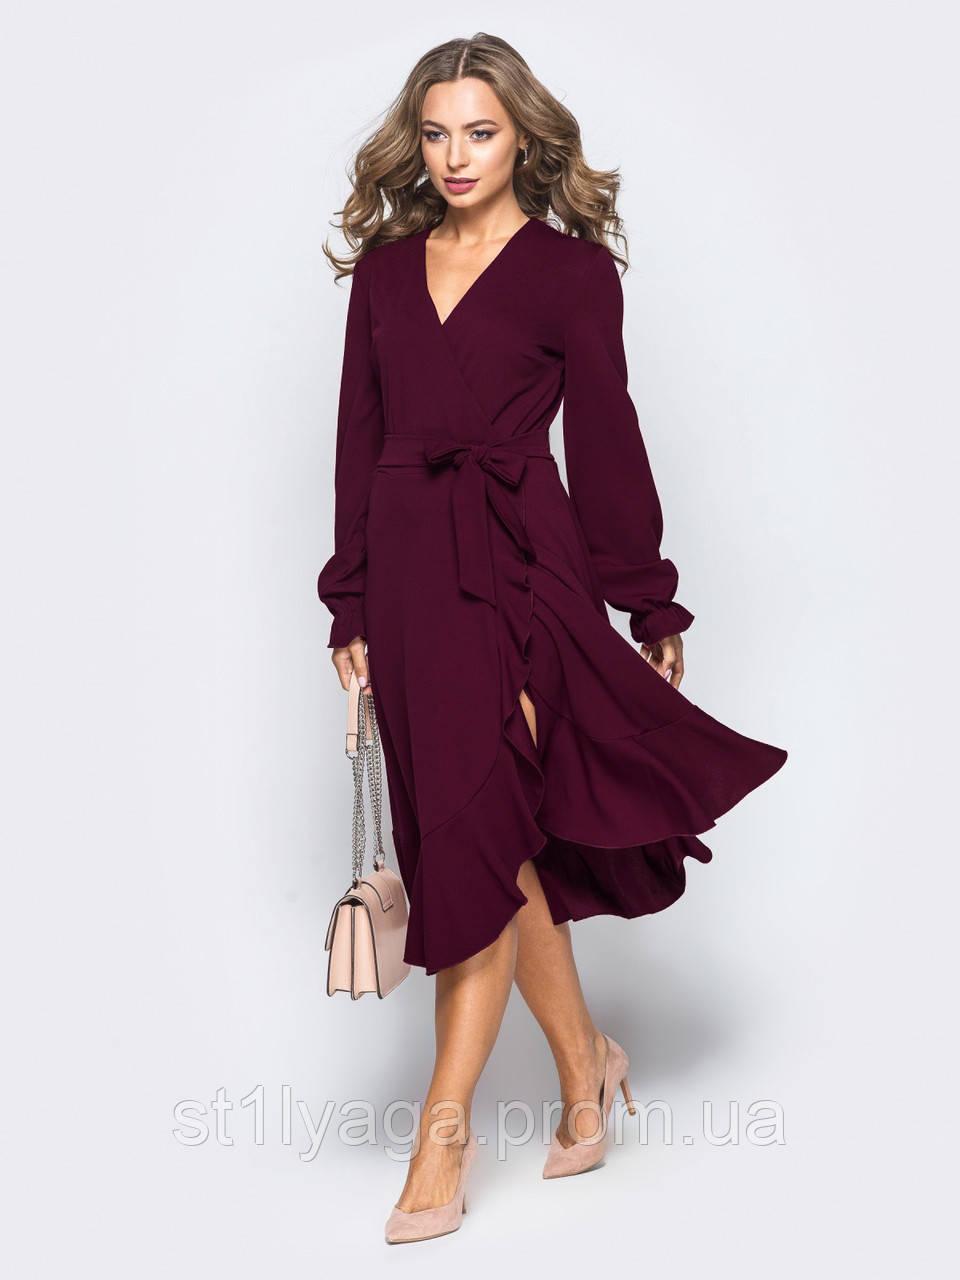 Платье-миди на запах с мягким воланом по низу и длинными рукавами бордовый